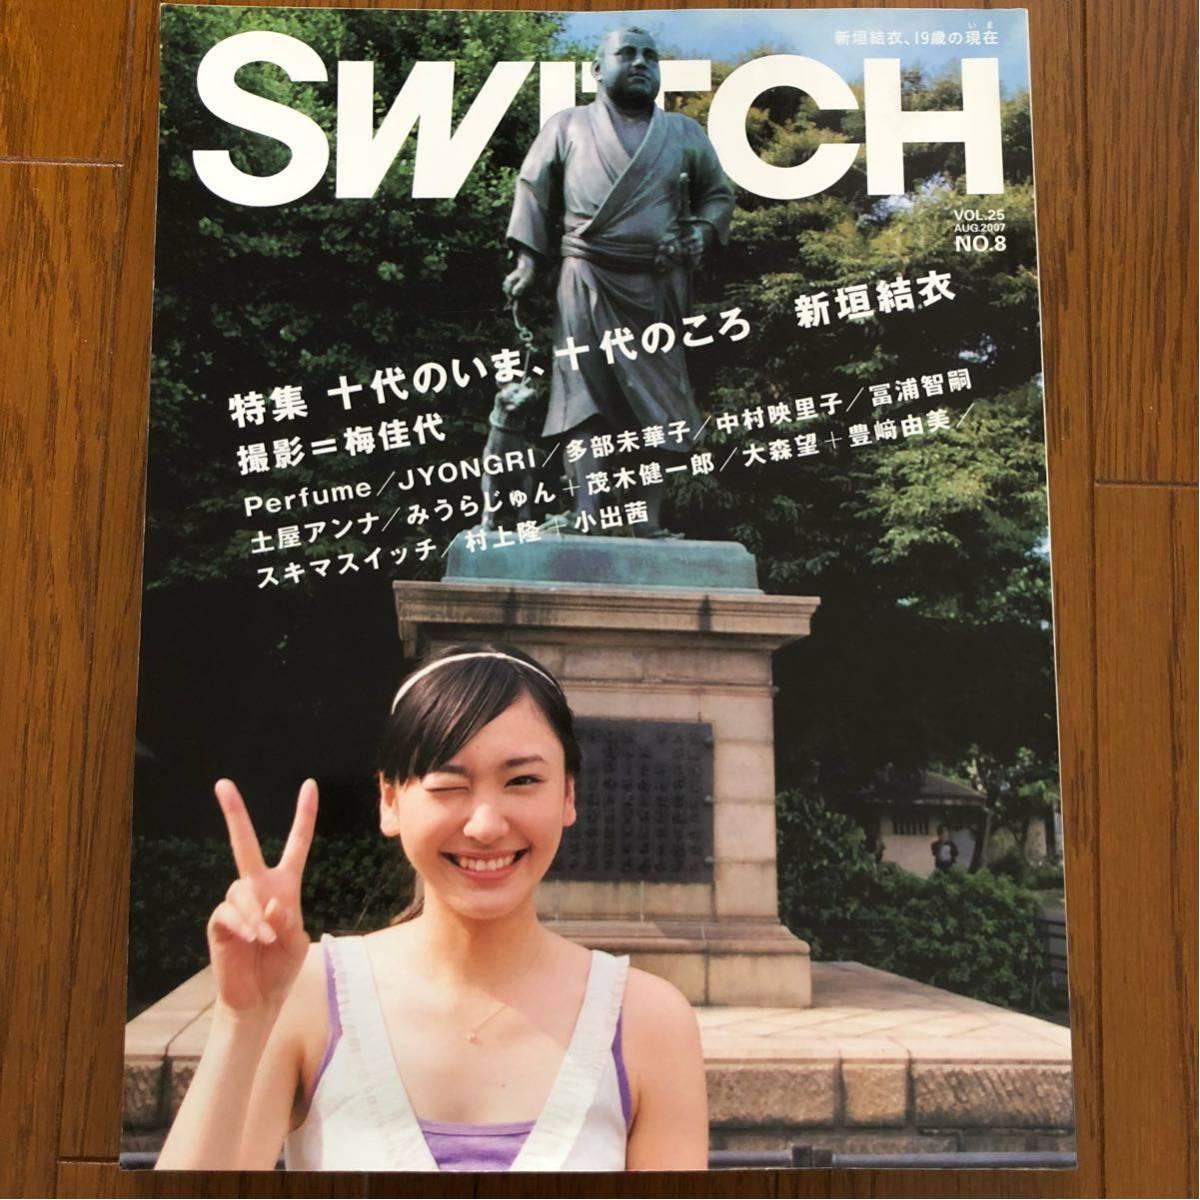 新垣結衣/SWITCH 2007年8月 vol.25 ガッキー の落札情報詳細